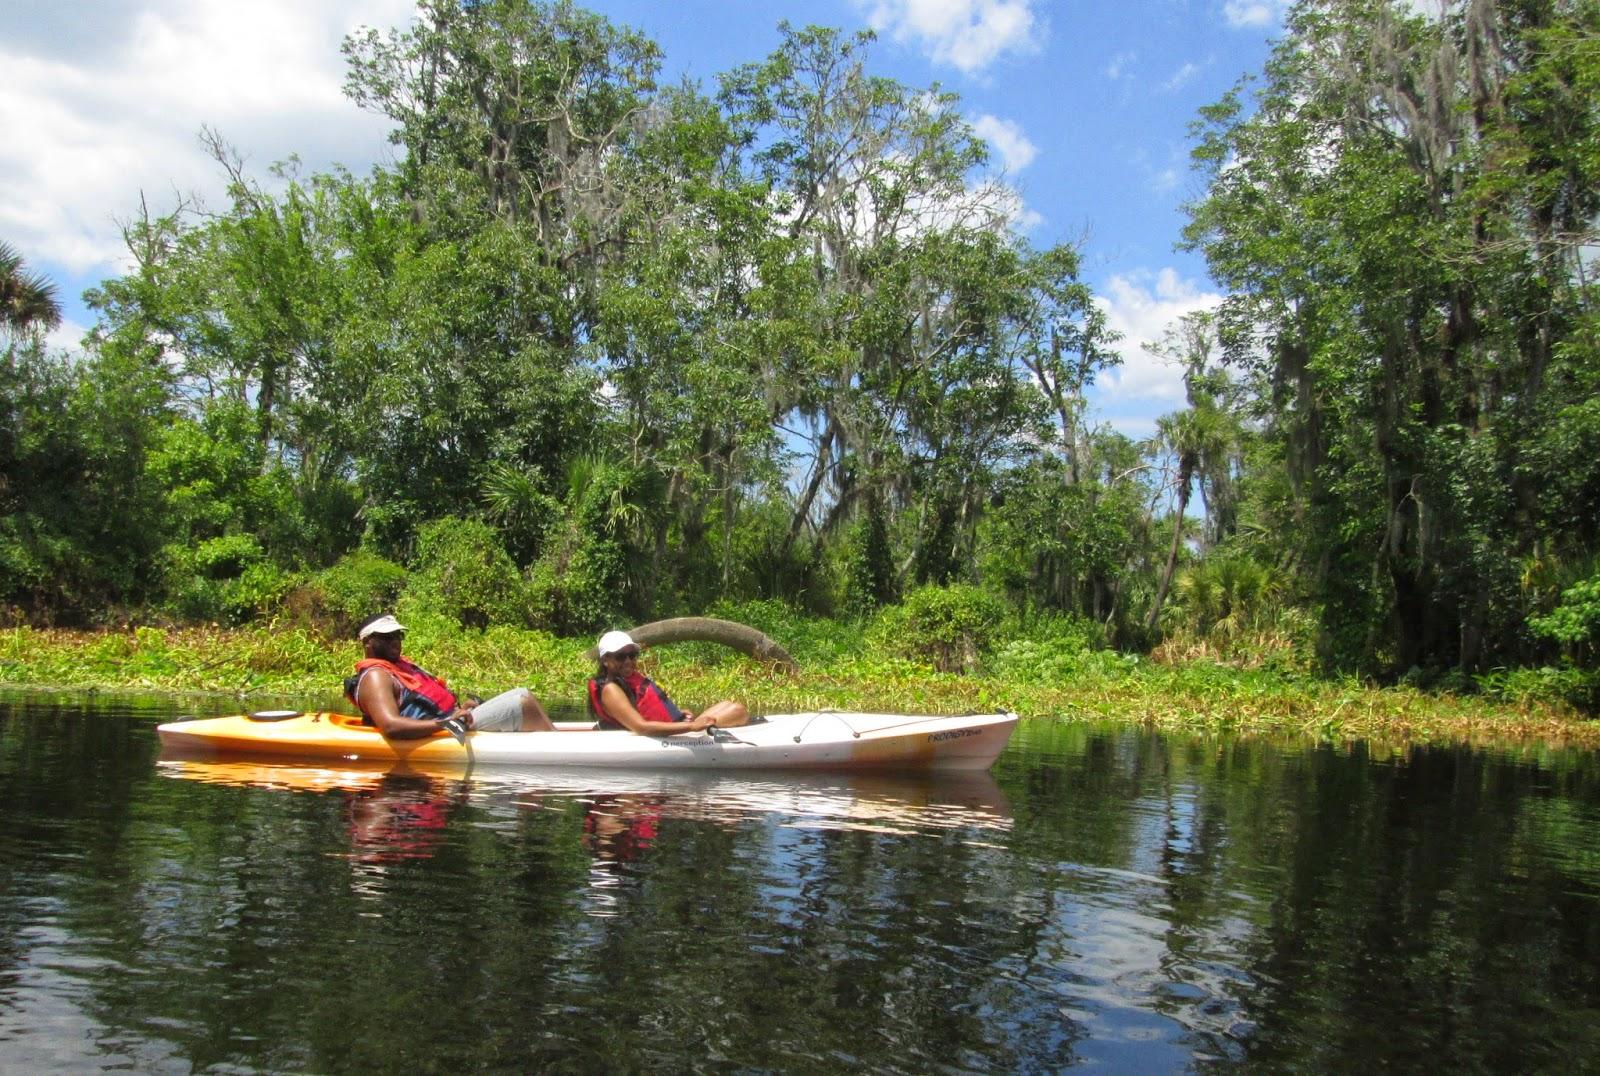 Wekiva River Monkeys The Wekiva River is a Great